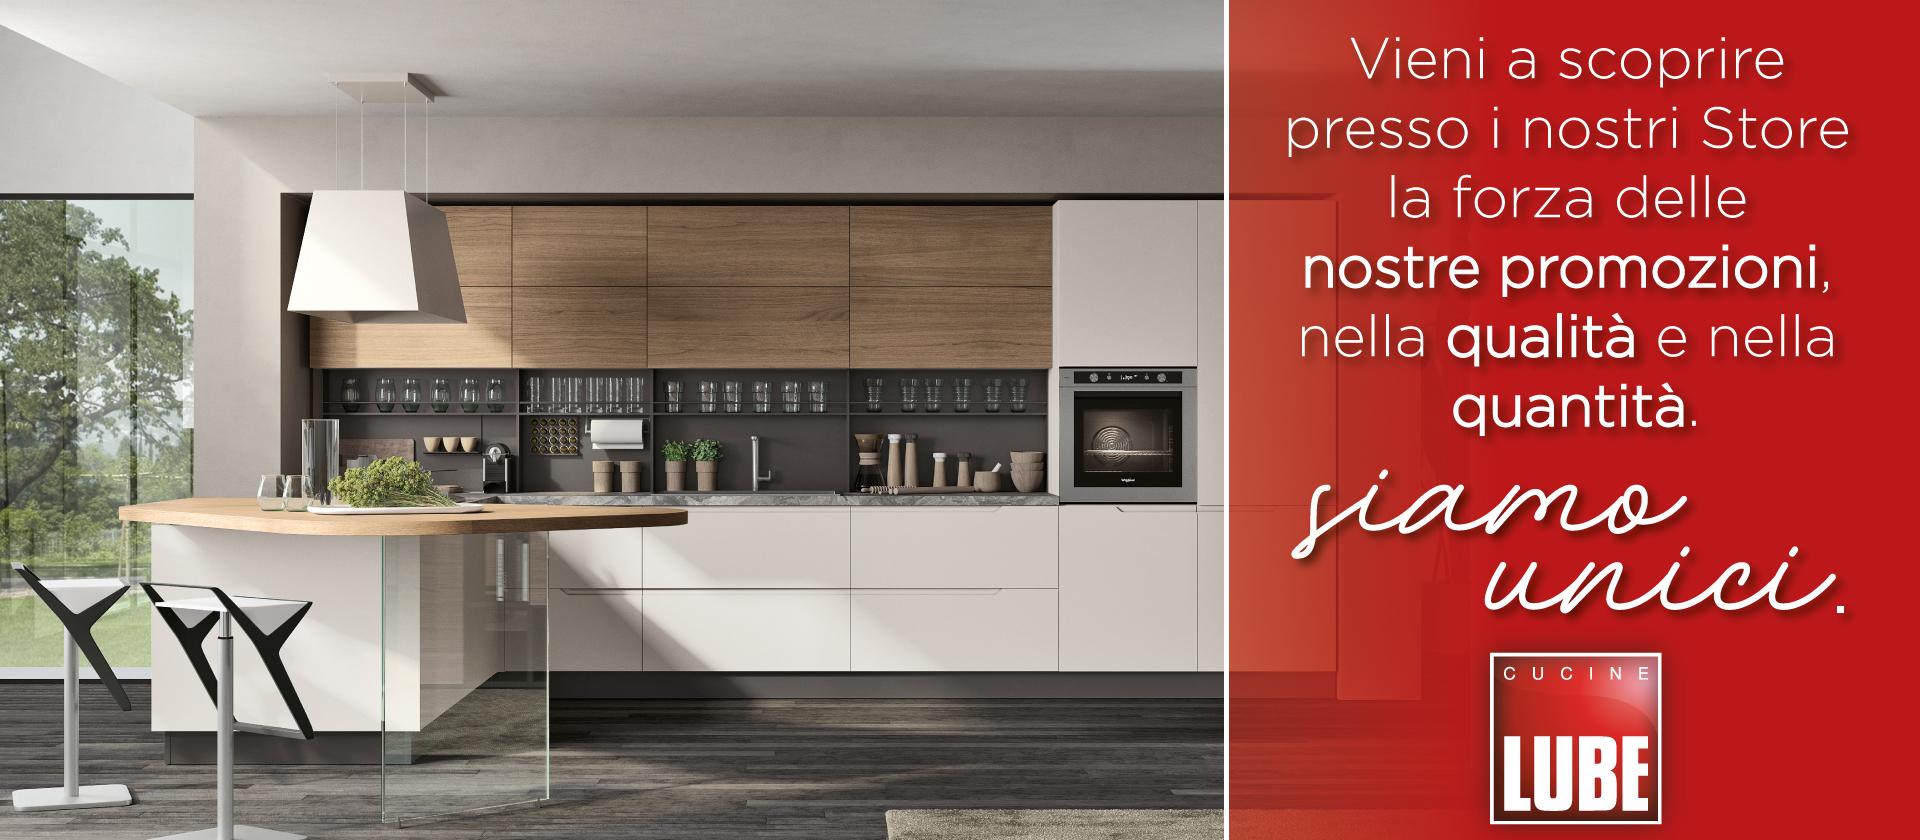 Cucine Su Misura Brescia cascella mobili | arredamento su misura su spazi e budget